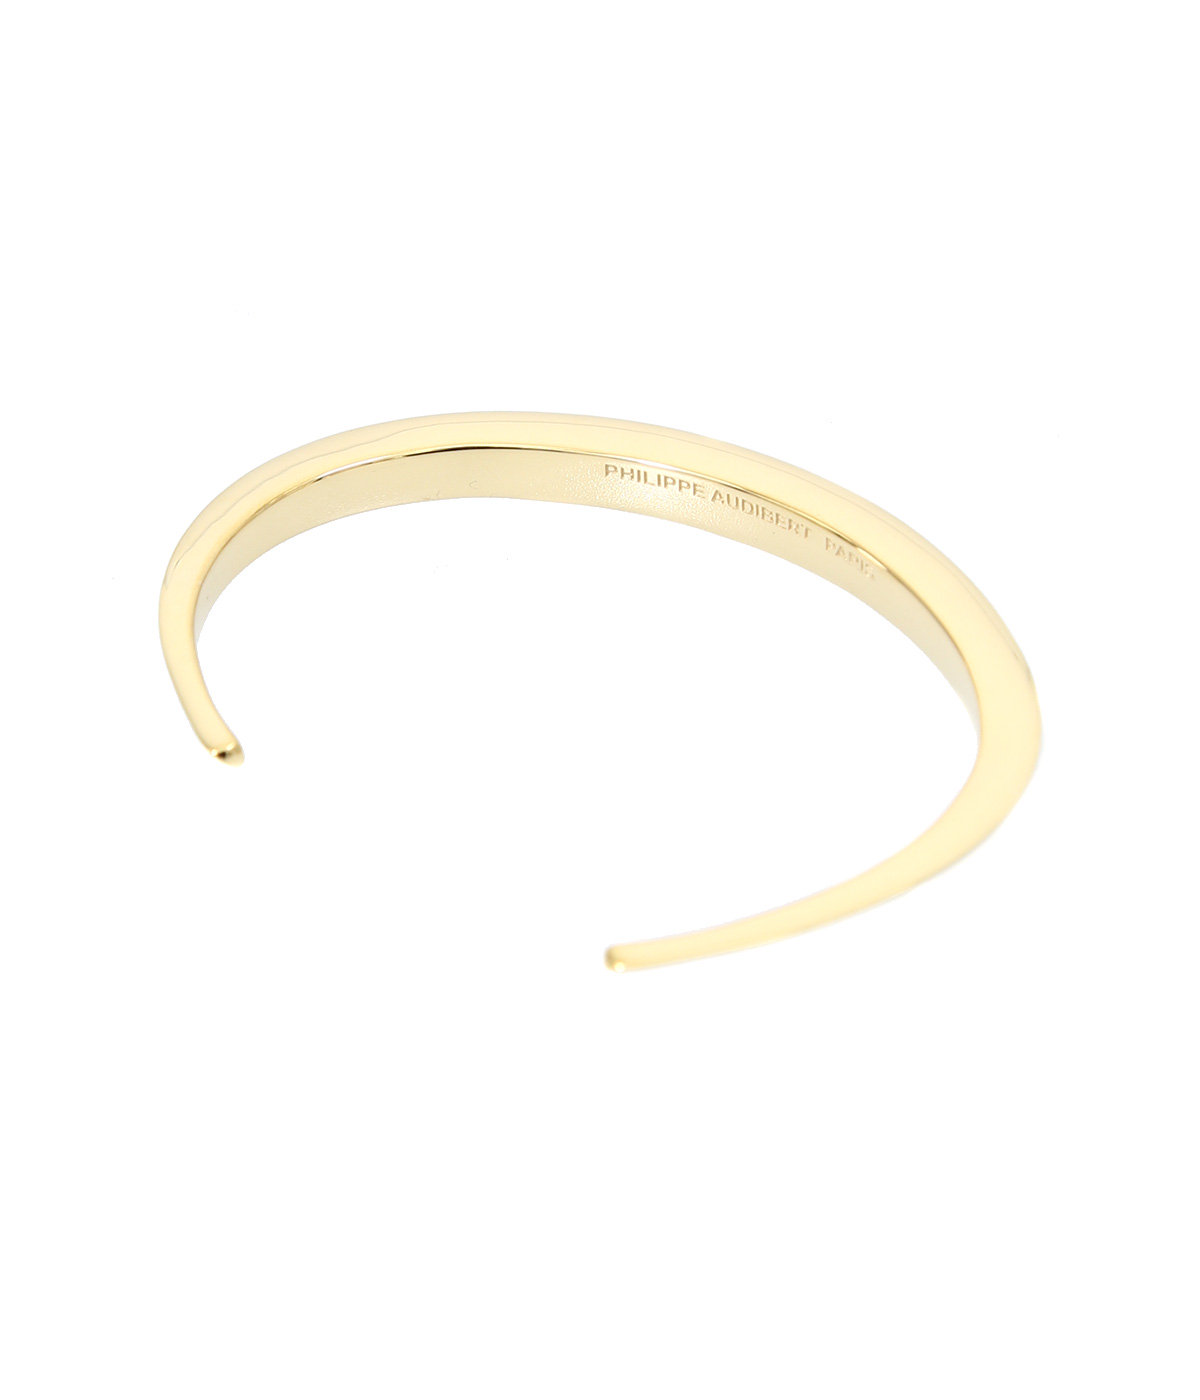 【レディース】Archie bracelet brass(light gold)